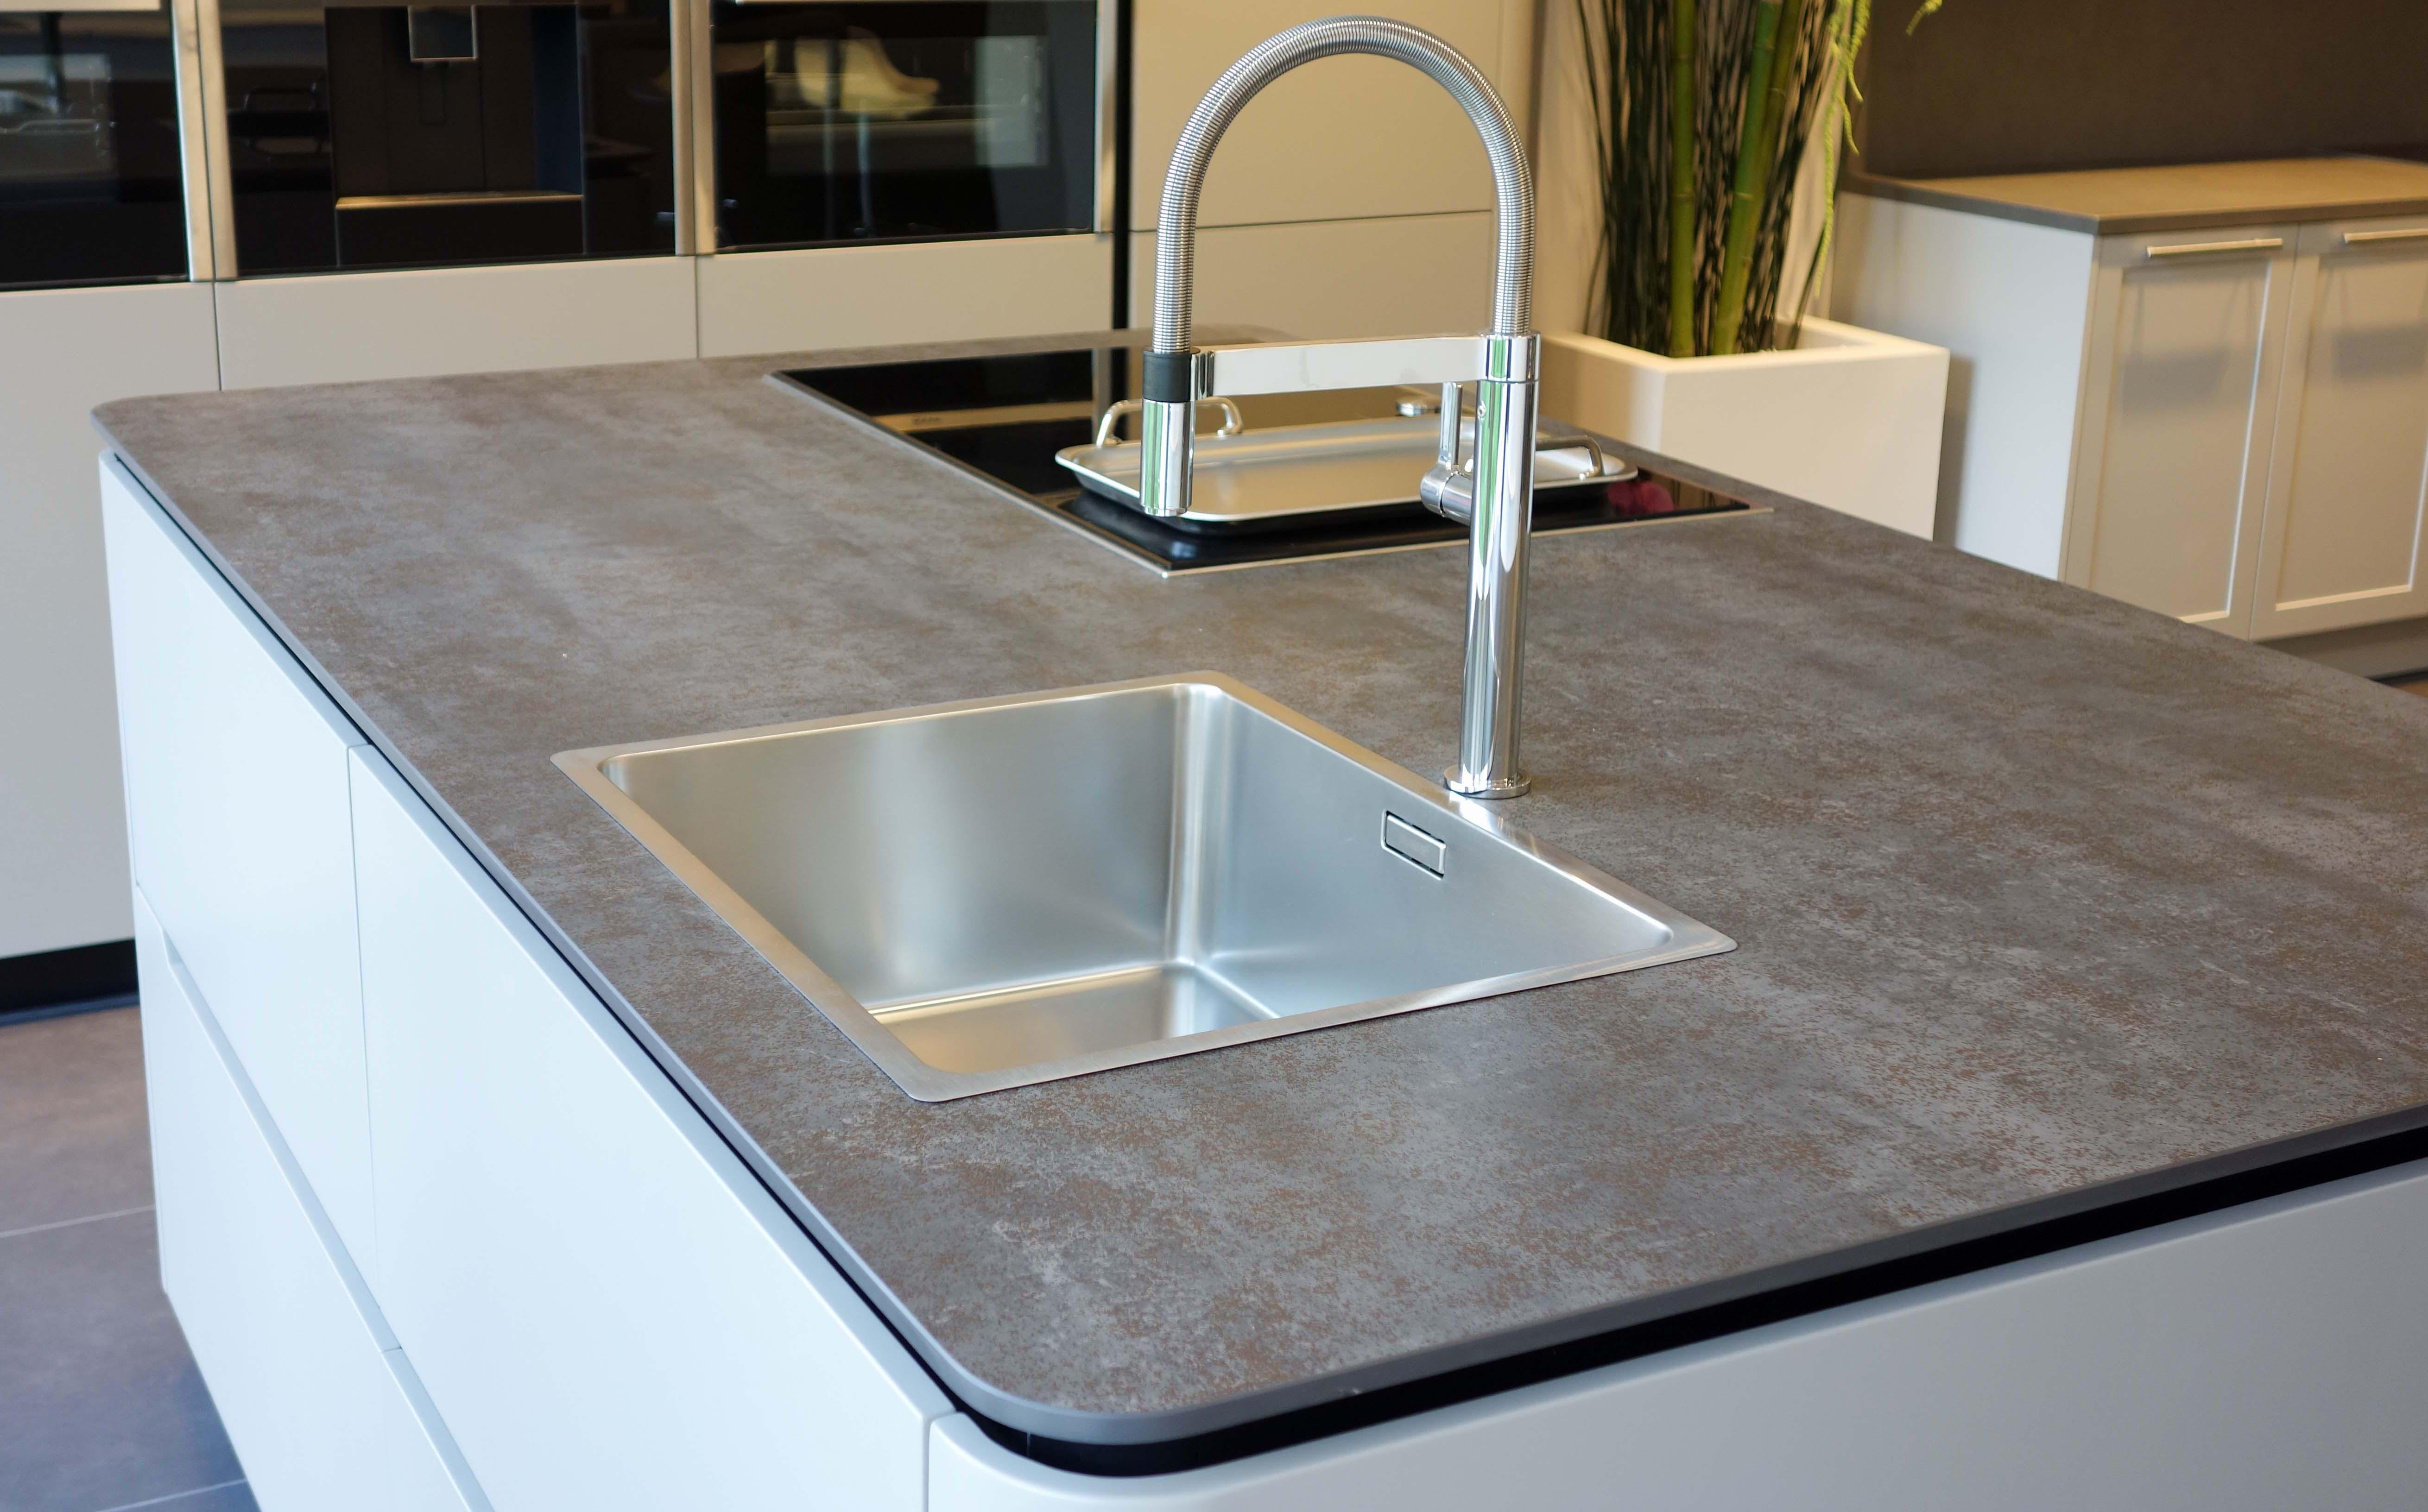 Encimeras porcel nicas for Colores de granito para encimeras de cocina